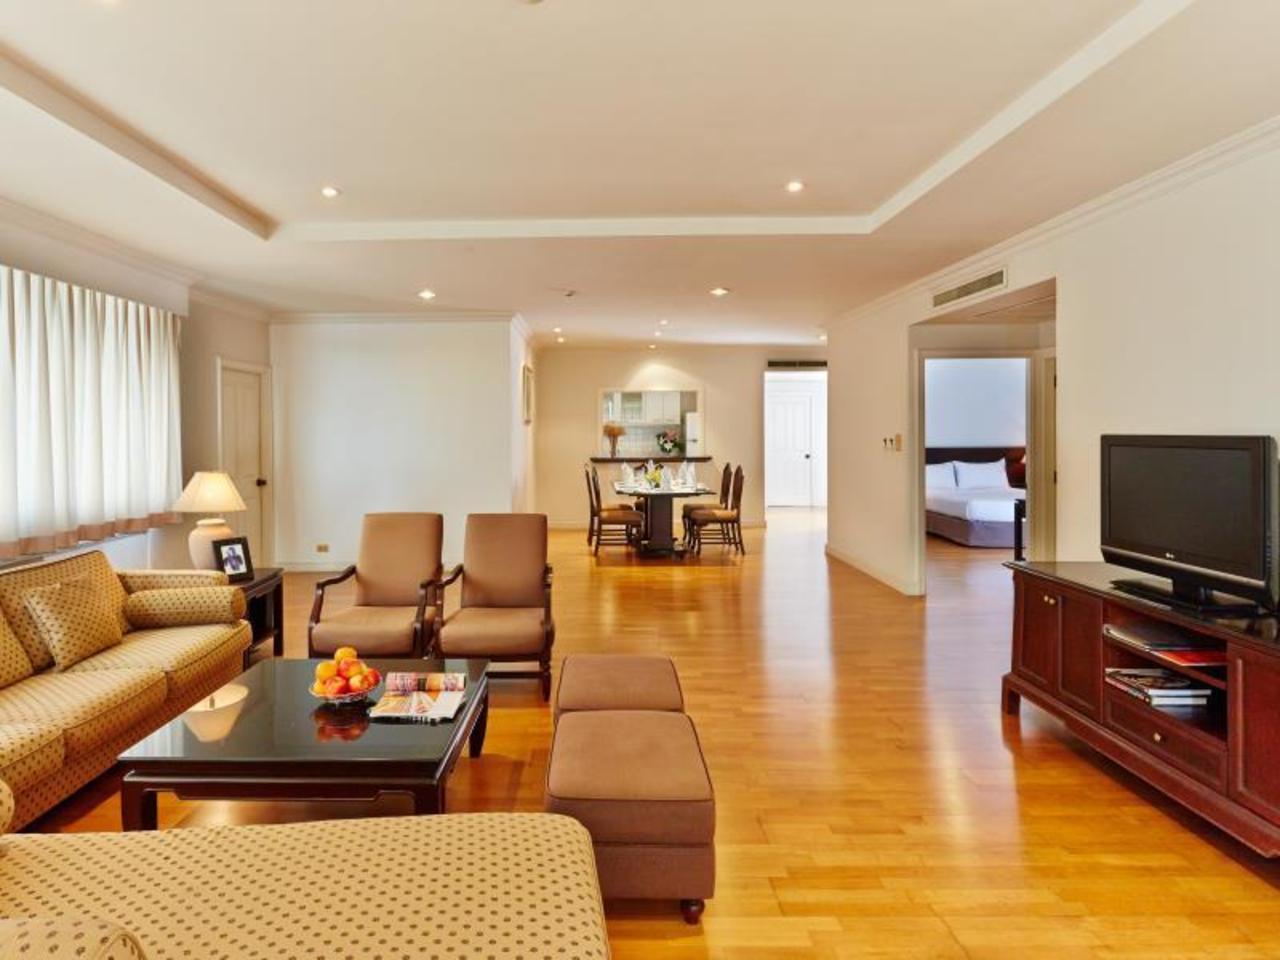 ริเวอร์ไรน์ เพลส เซอร์วิส อพาร์ทเมนท์ (Riverine Place Service Apartments)